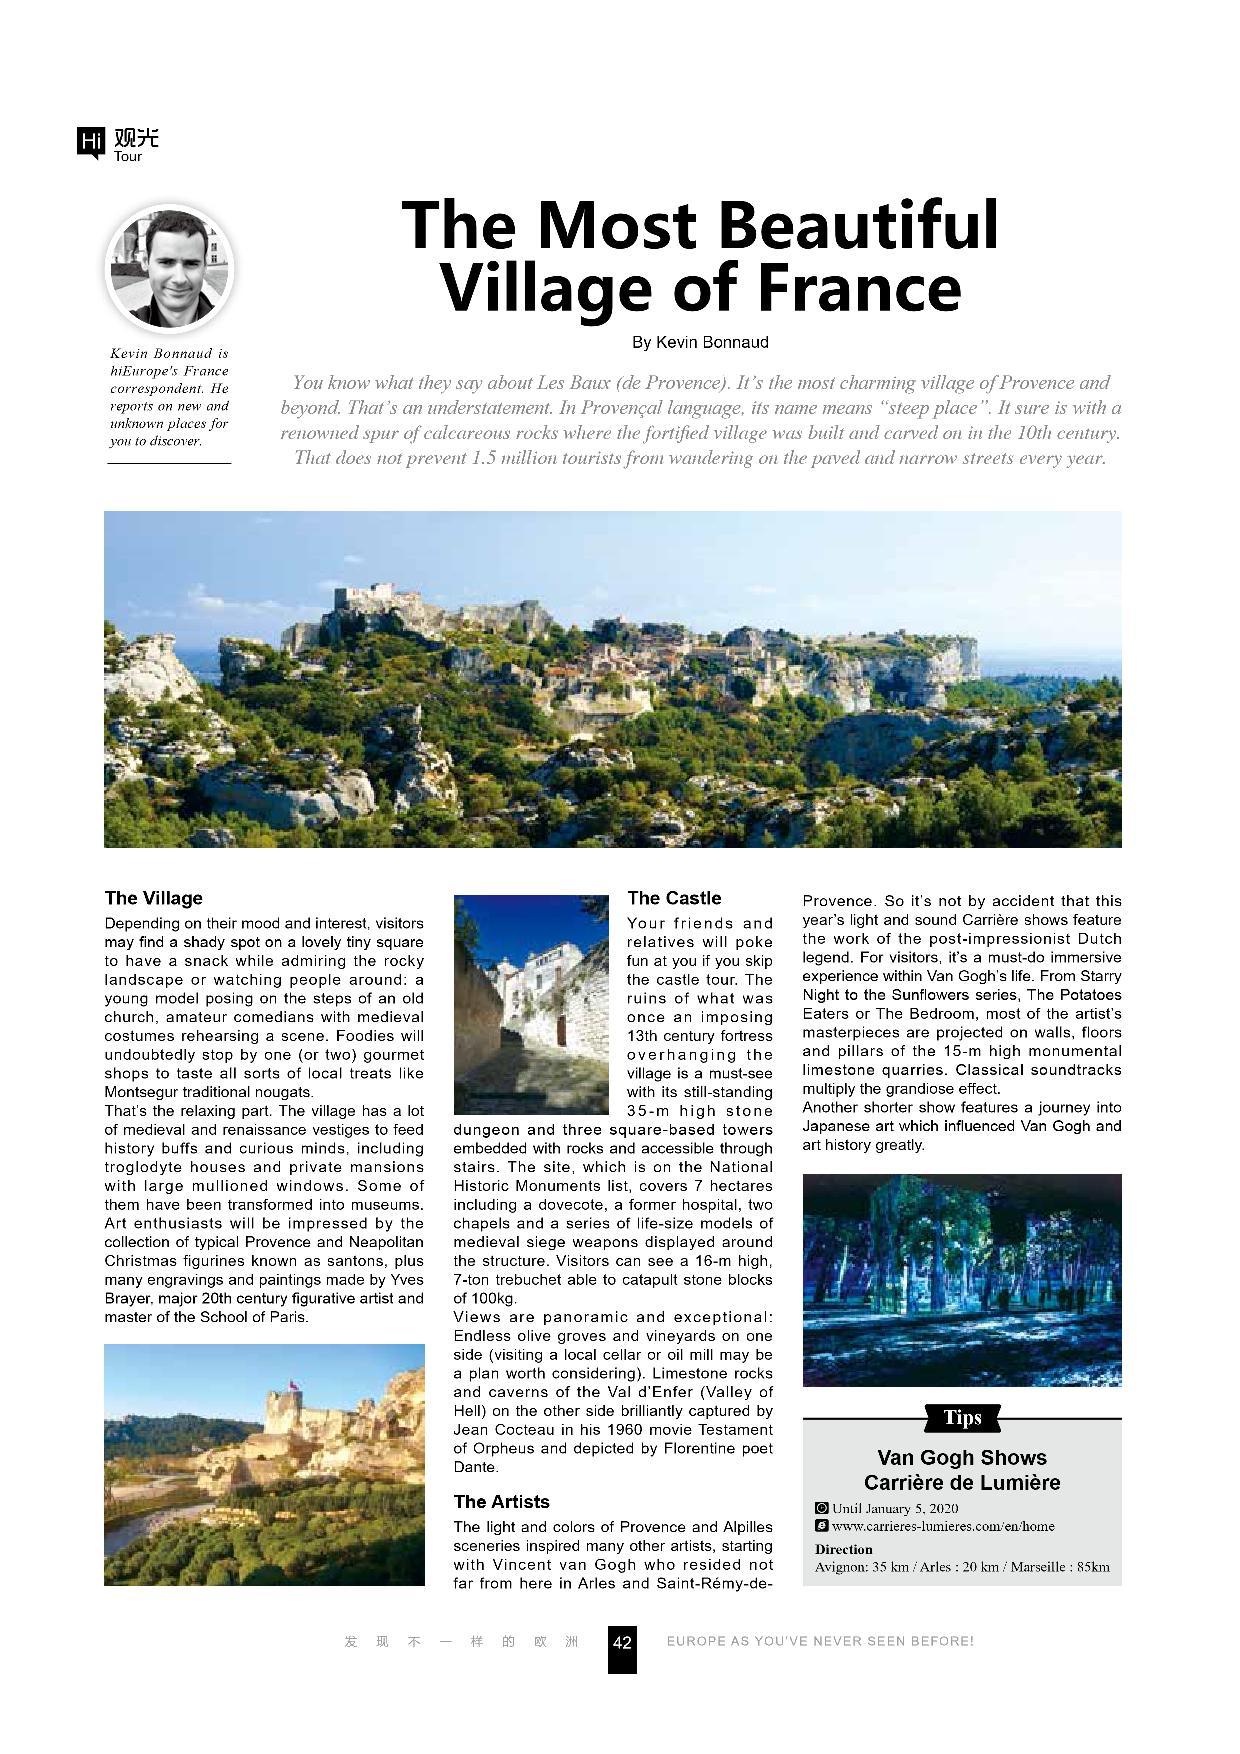 Les Baux de Provence - Hi Europe - Septe